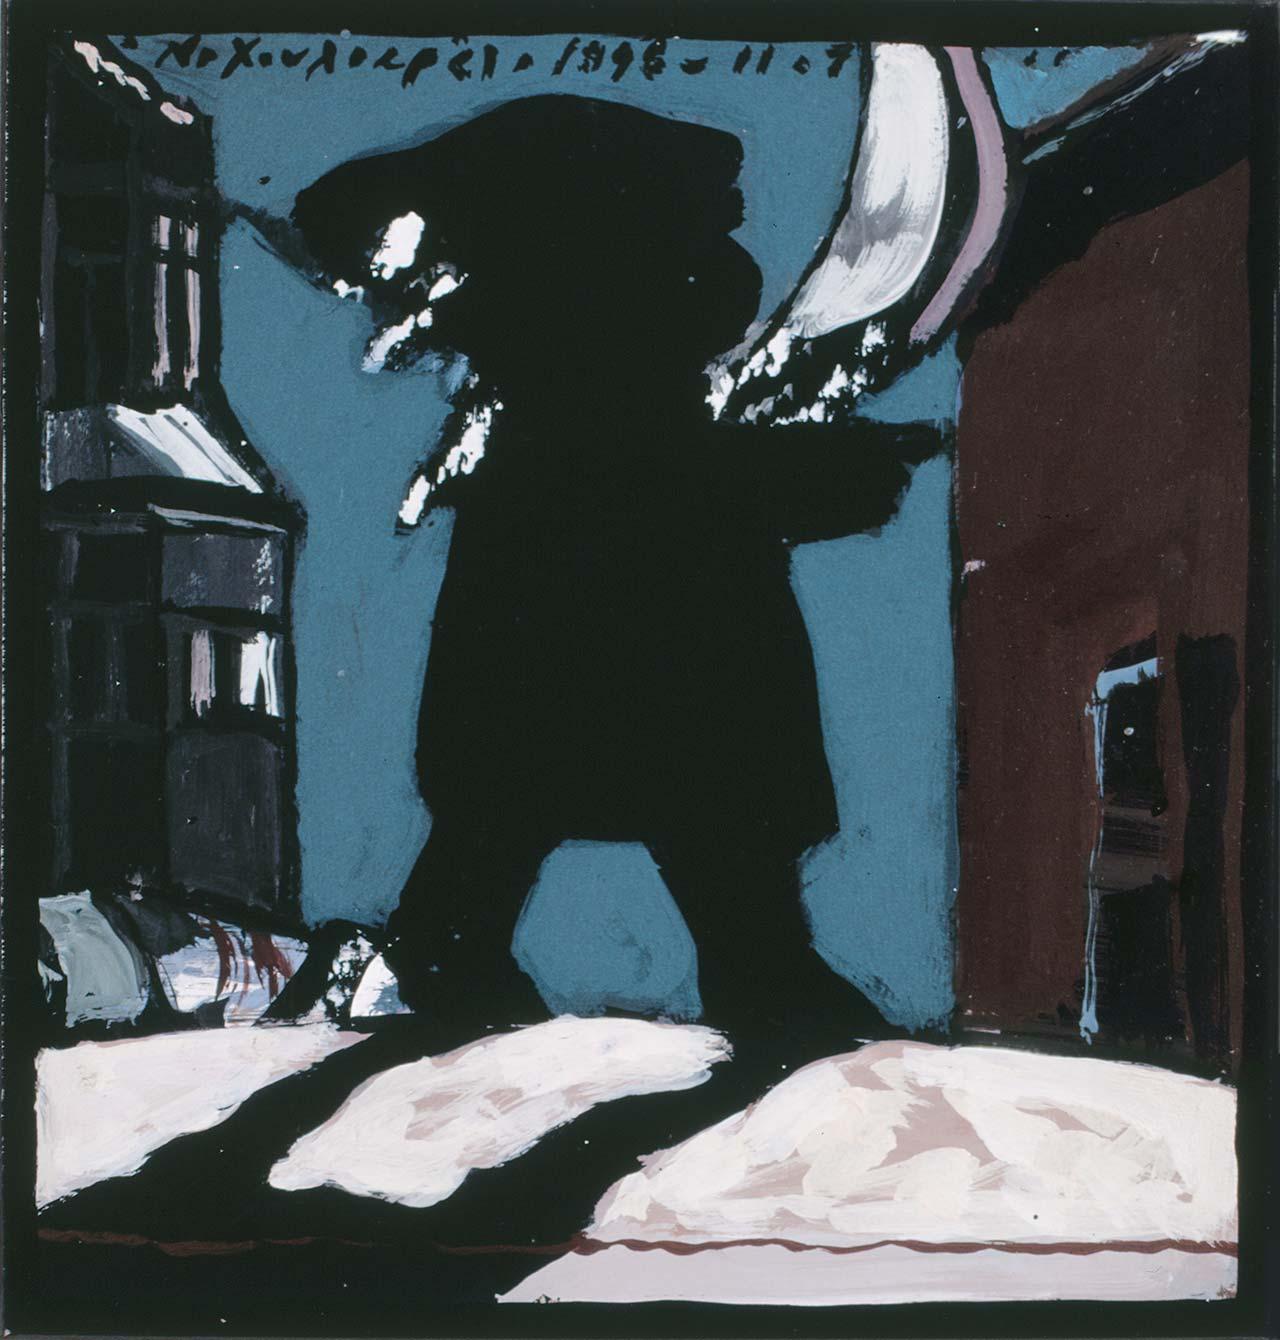 Νύχτα με χιόνι και φεγγάρι, 1996, ακρυλικό σε χαρτόνι, 22x21 εκ.